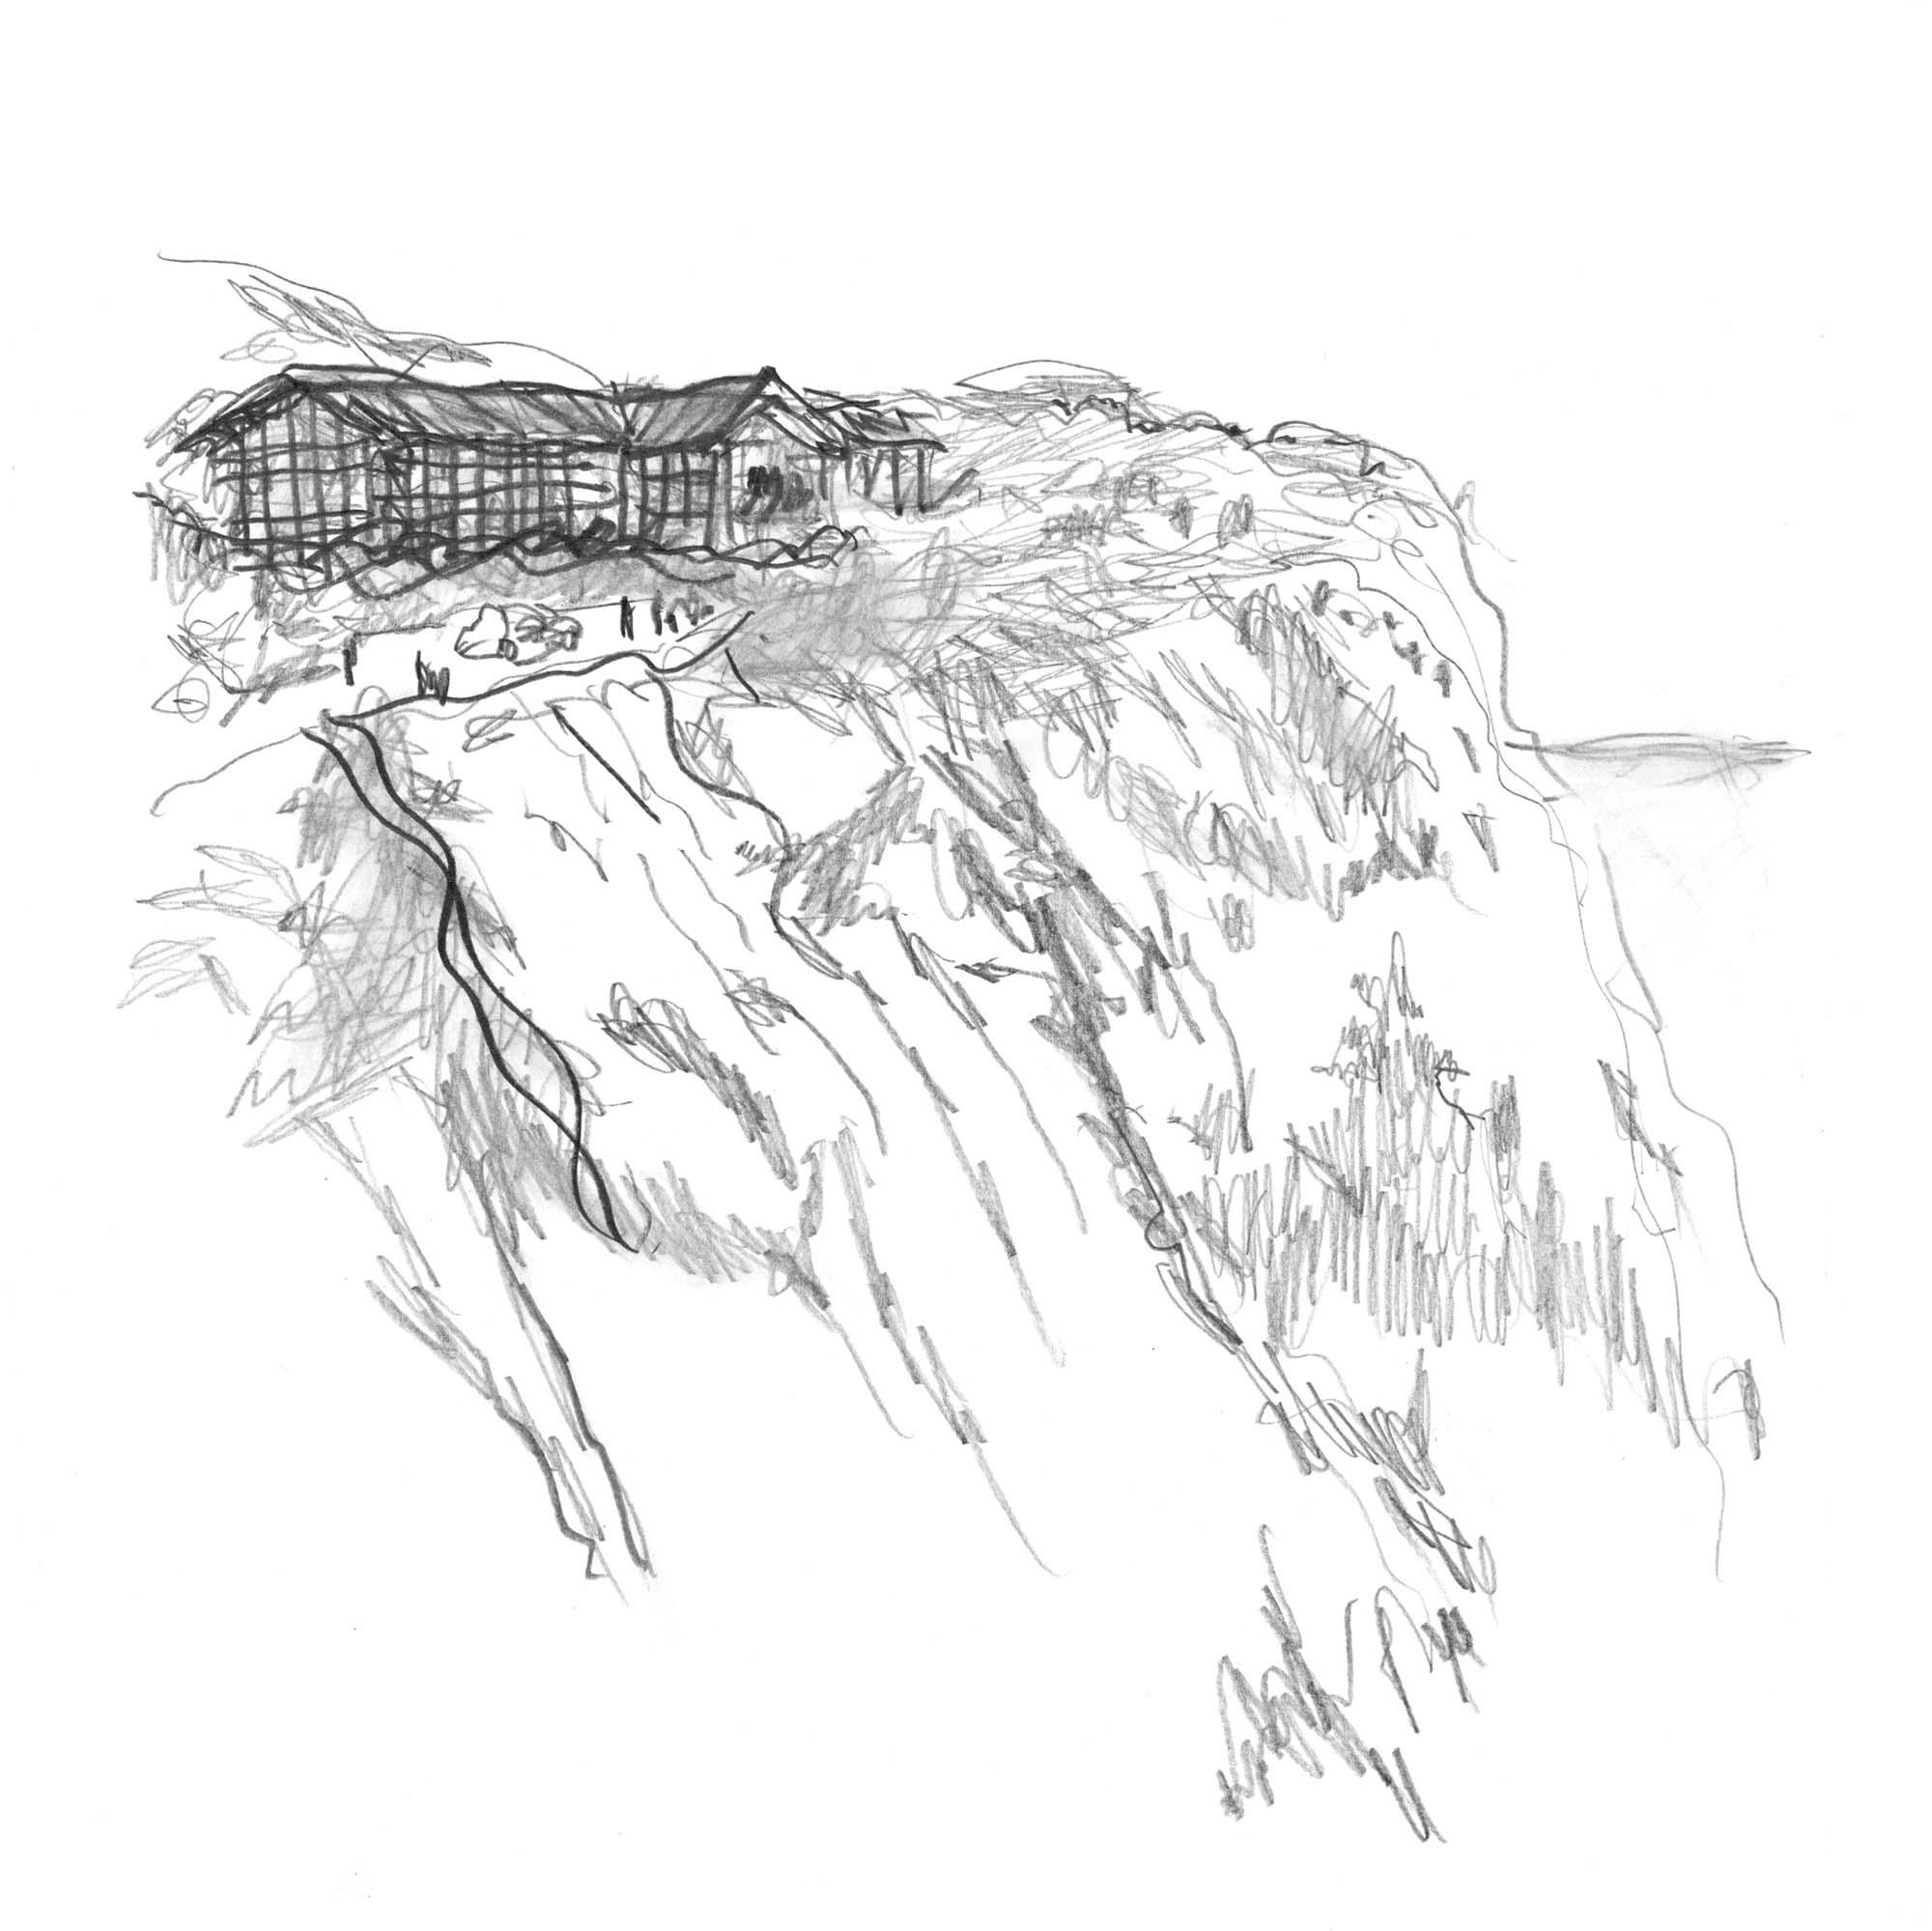 ミケーレ・デ・ルッキによる六甲山サイレンスリゾートのイメージスケッチ。©️Rokkosan silence resort